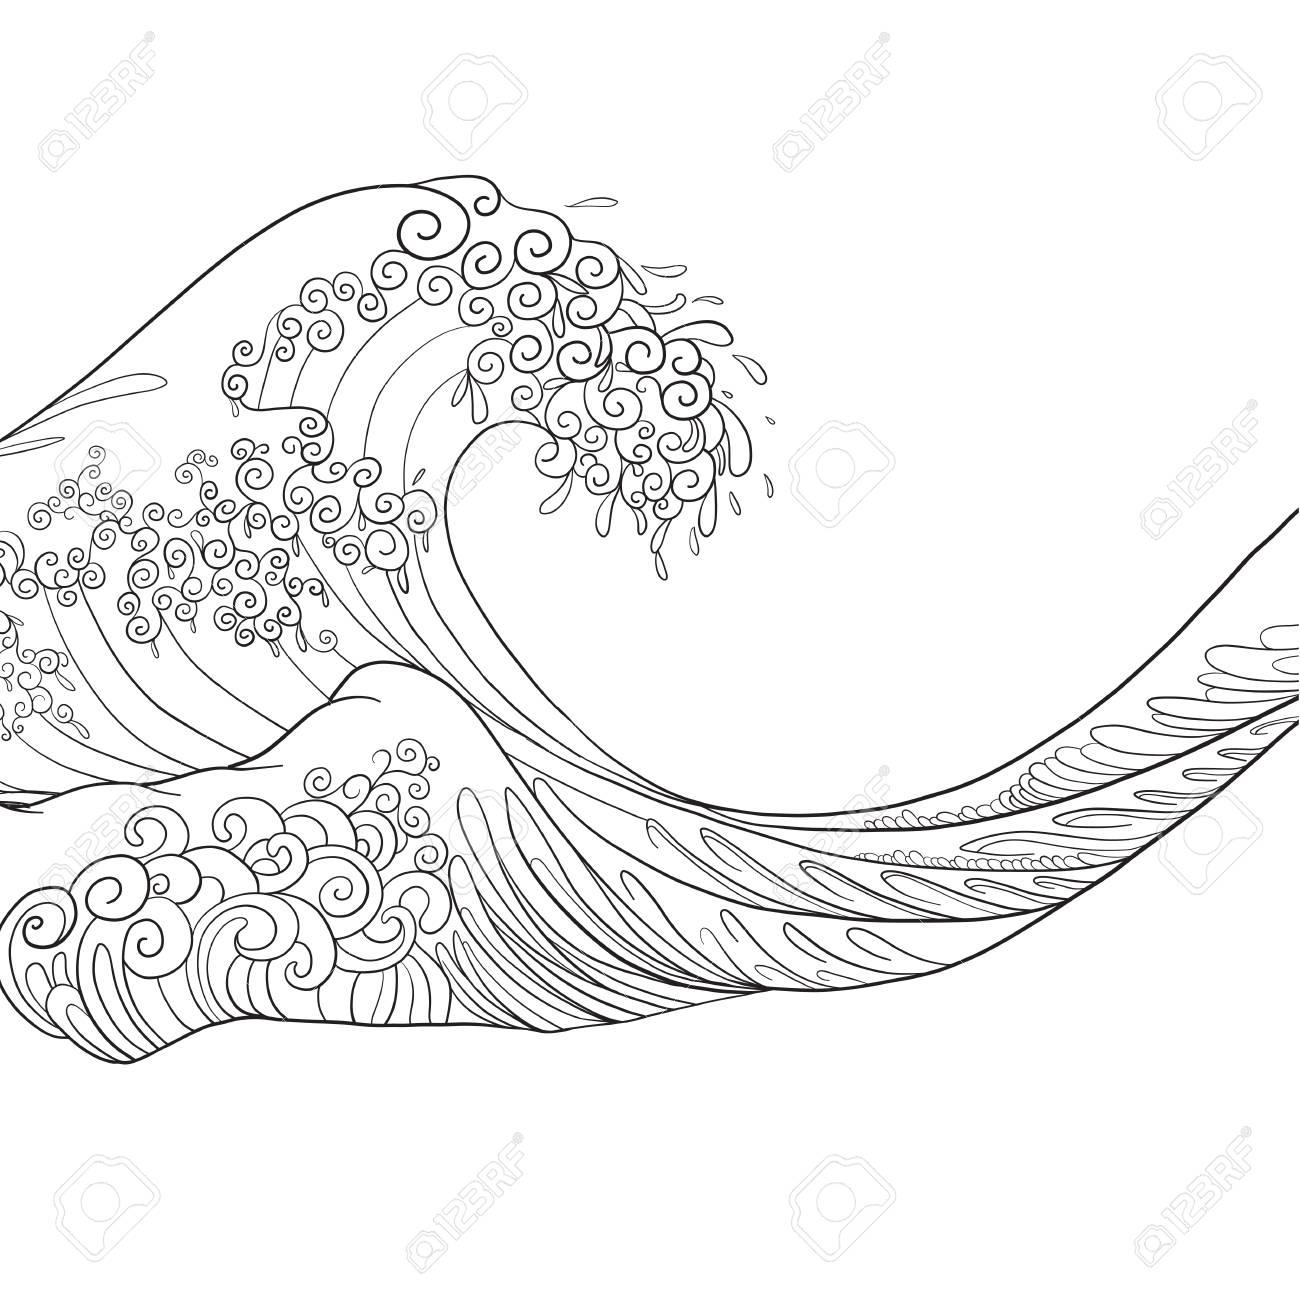 Vague Japonaise, Dessin Isolé. Illustration Vectorielle Stock concernant Dessin De Vague A Imprimer